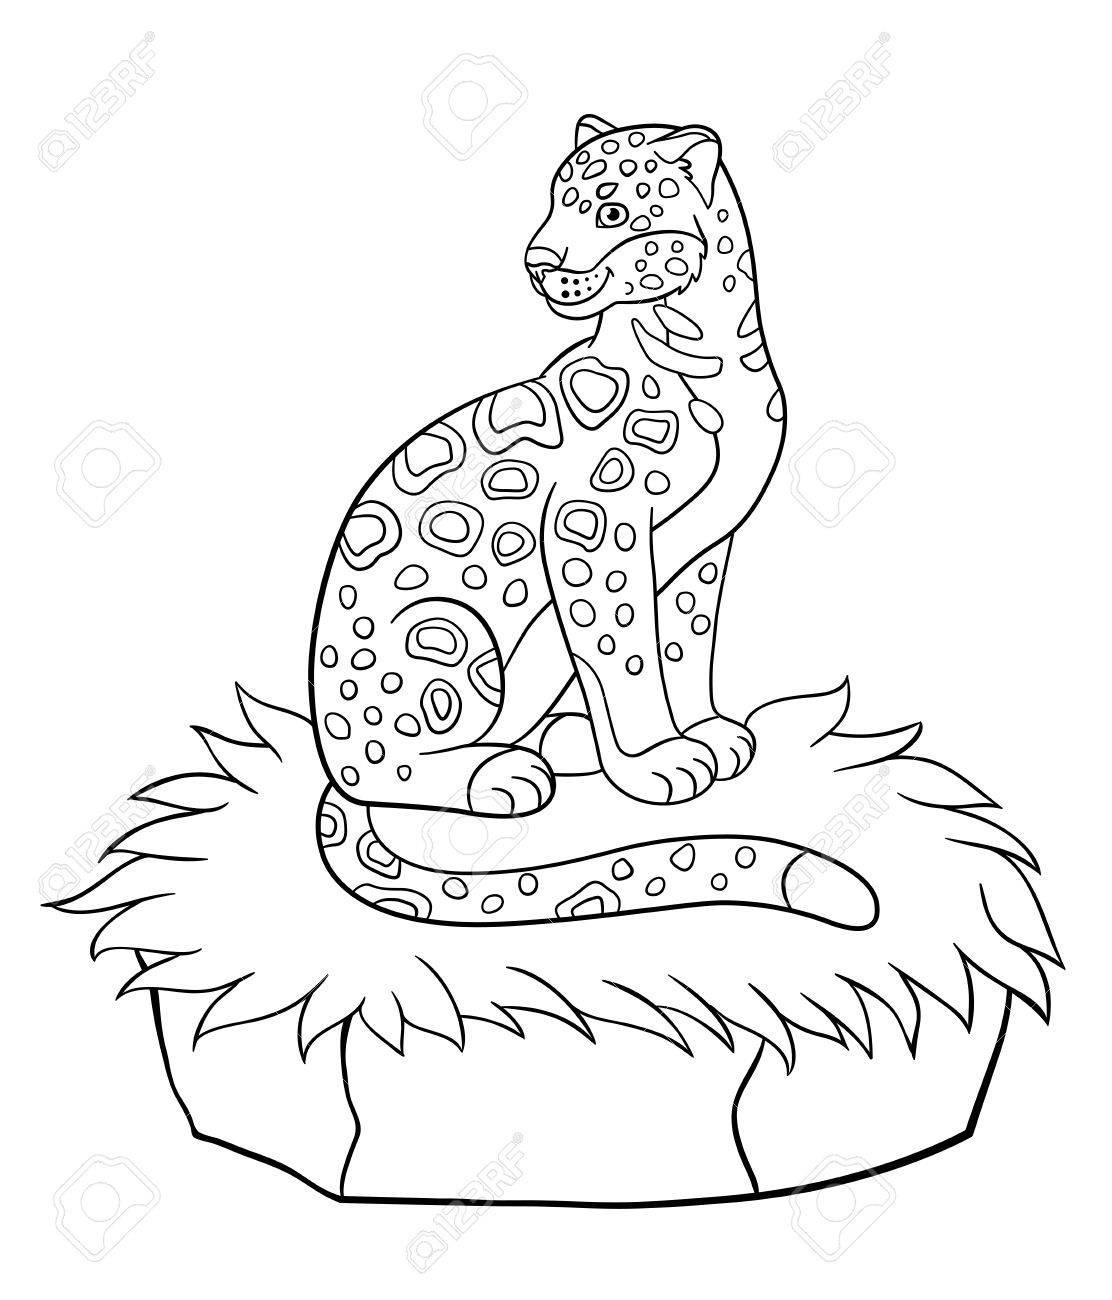 Wunderbar Baby Jaguar Malvorlagen Zeitgenössisch - Ideen fortsetzen ...